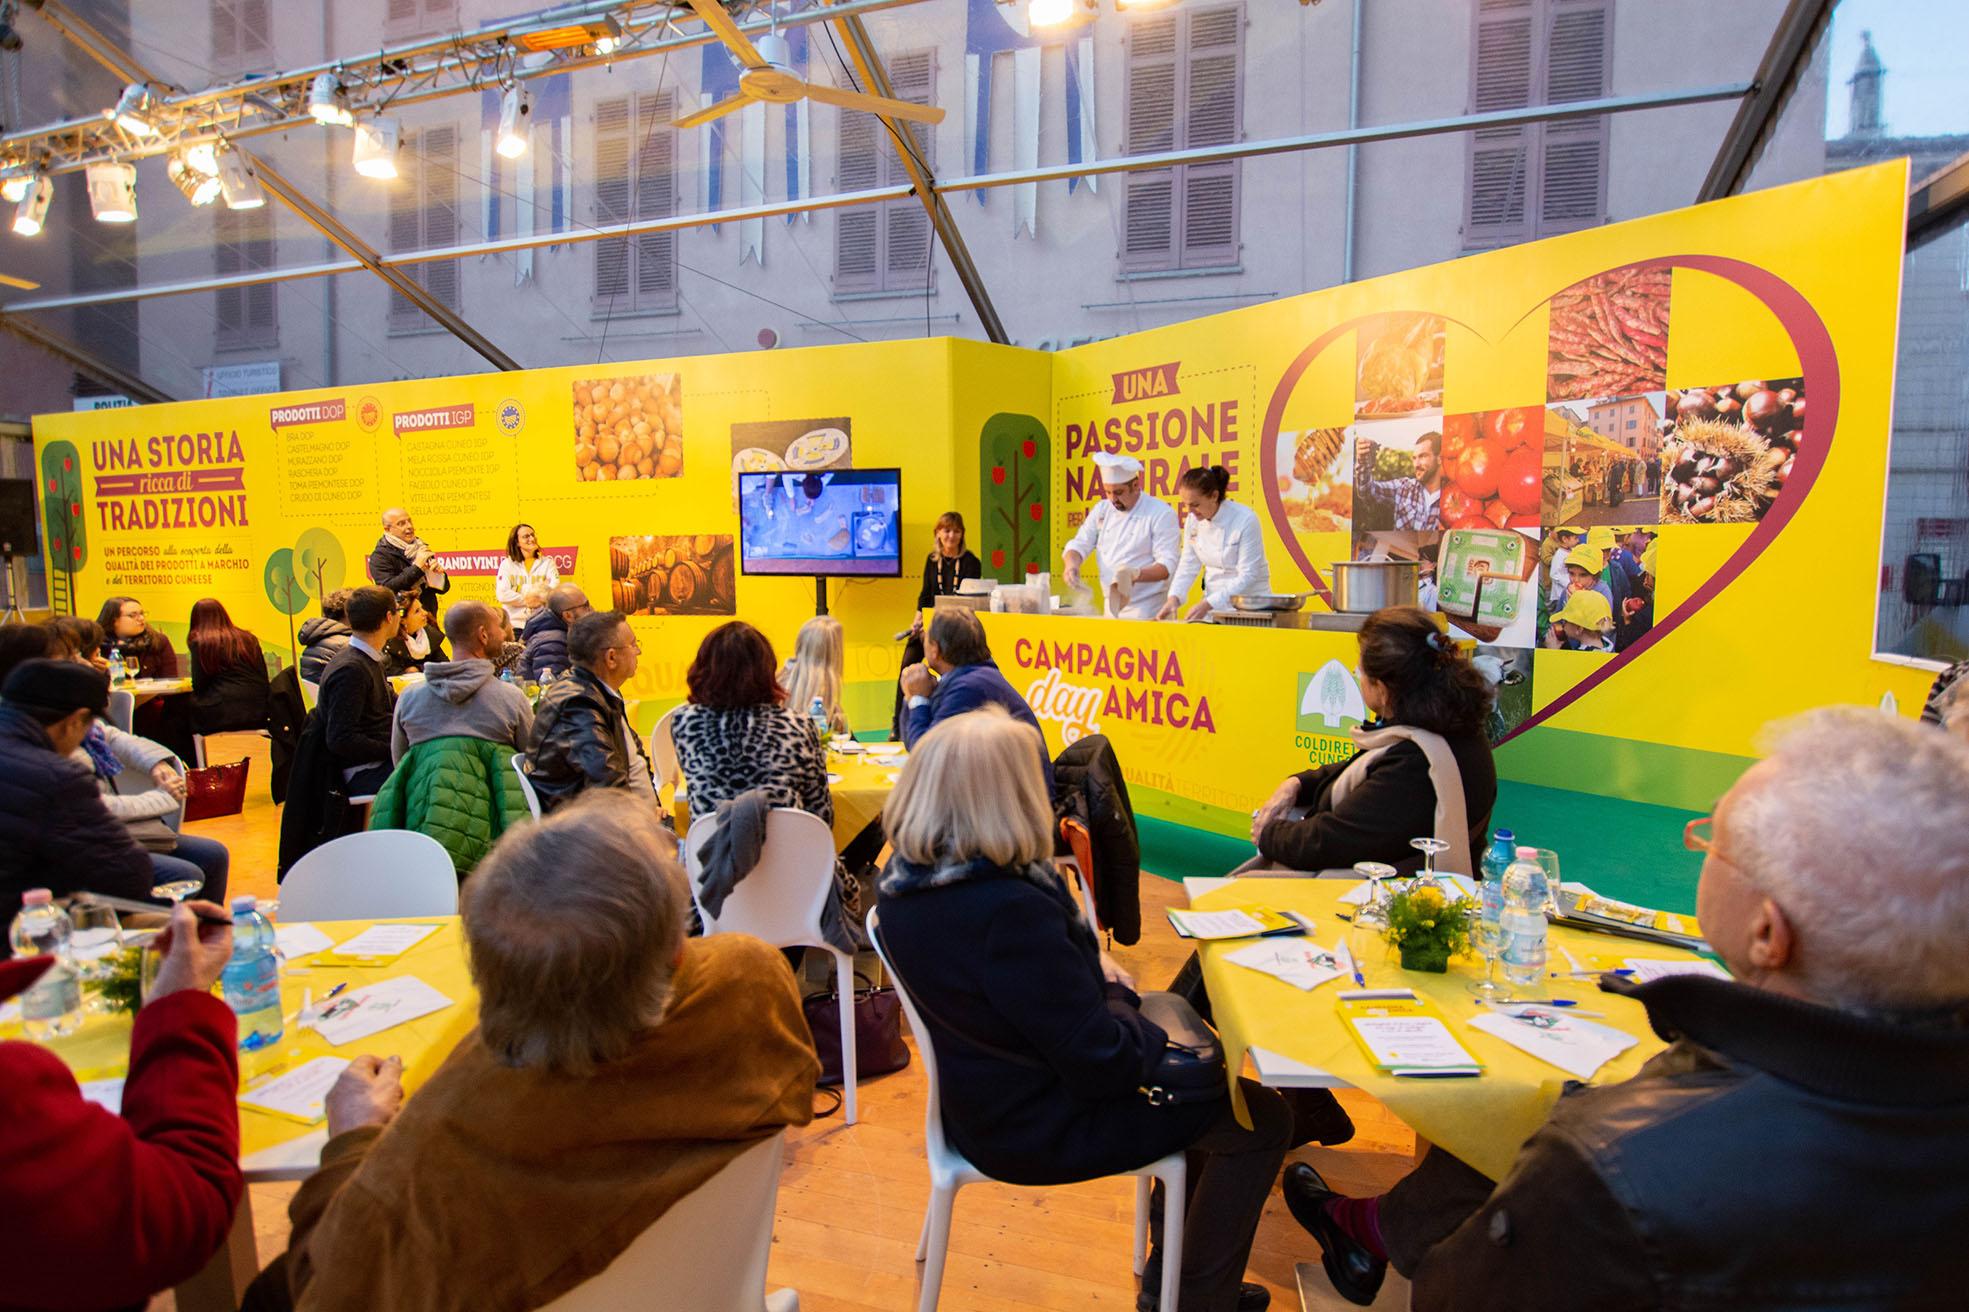 """Coldiretti: ad Alba sarà un weekend """"in giallo"""" con il Campagna Amica Day - IdeaWebTv"""